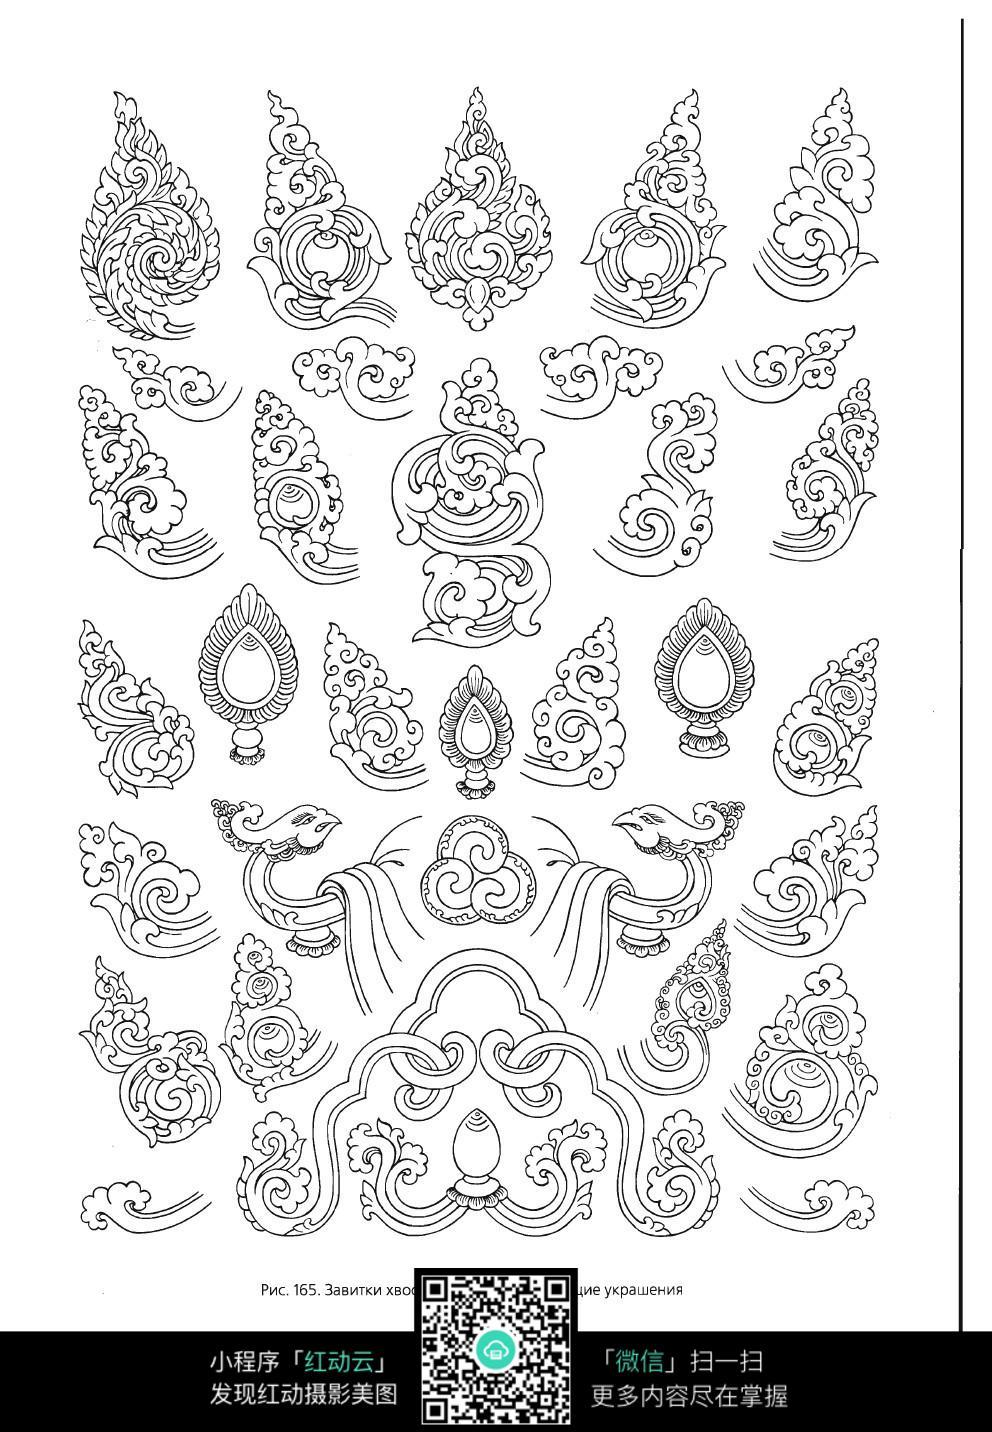 柳枝简笔画简单又漂亮-好看的图形边框怎么画